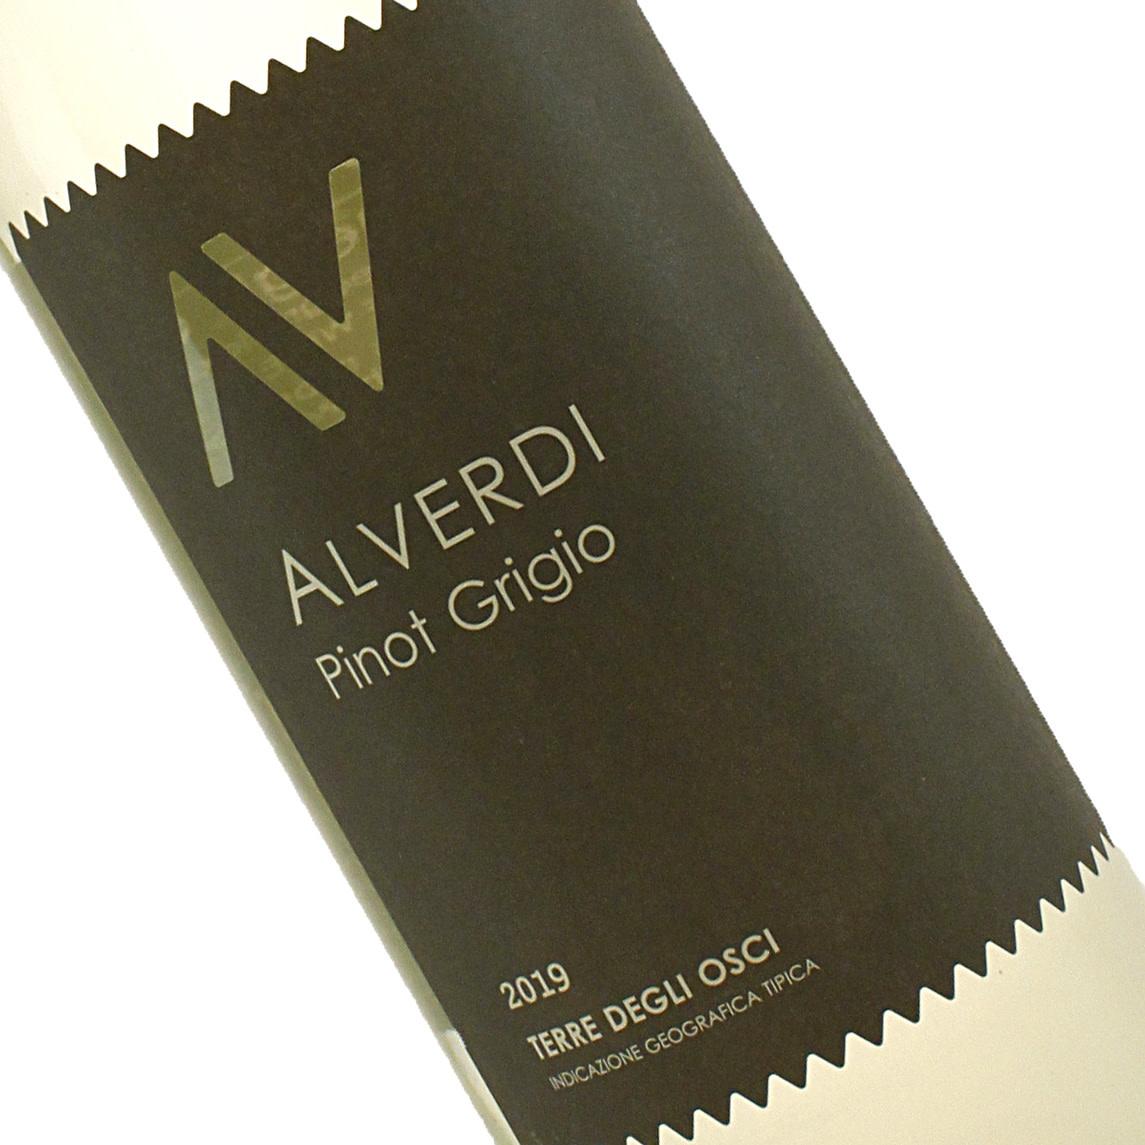 Alverdi 2019 Pinot Grigio Terre Degli Osci, Abruzzo